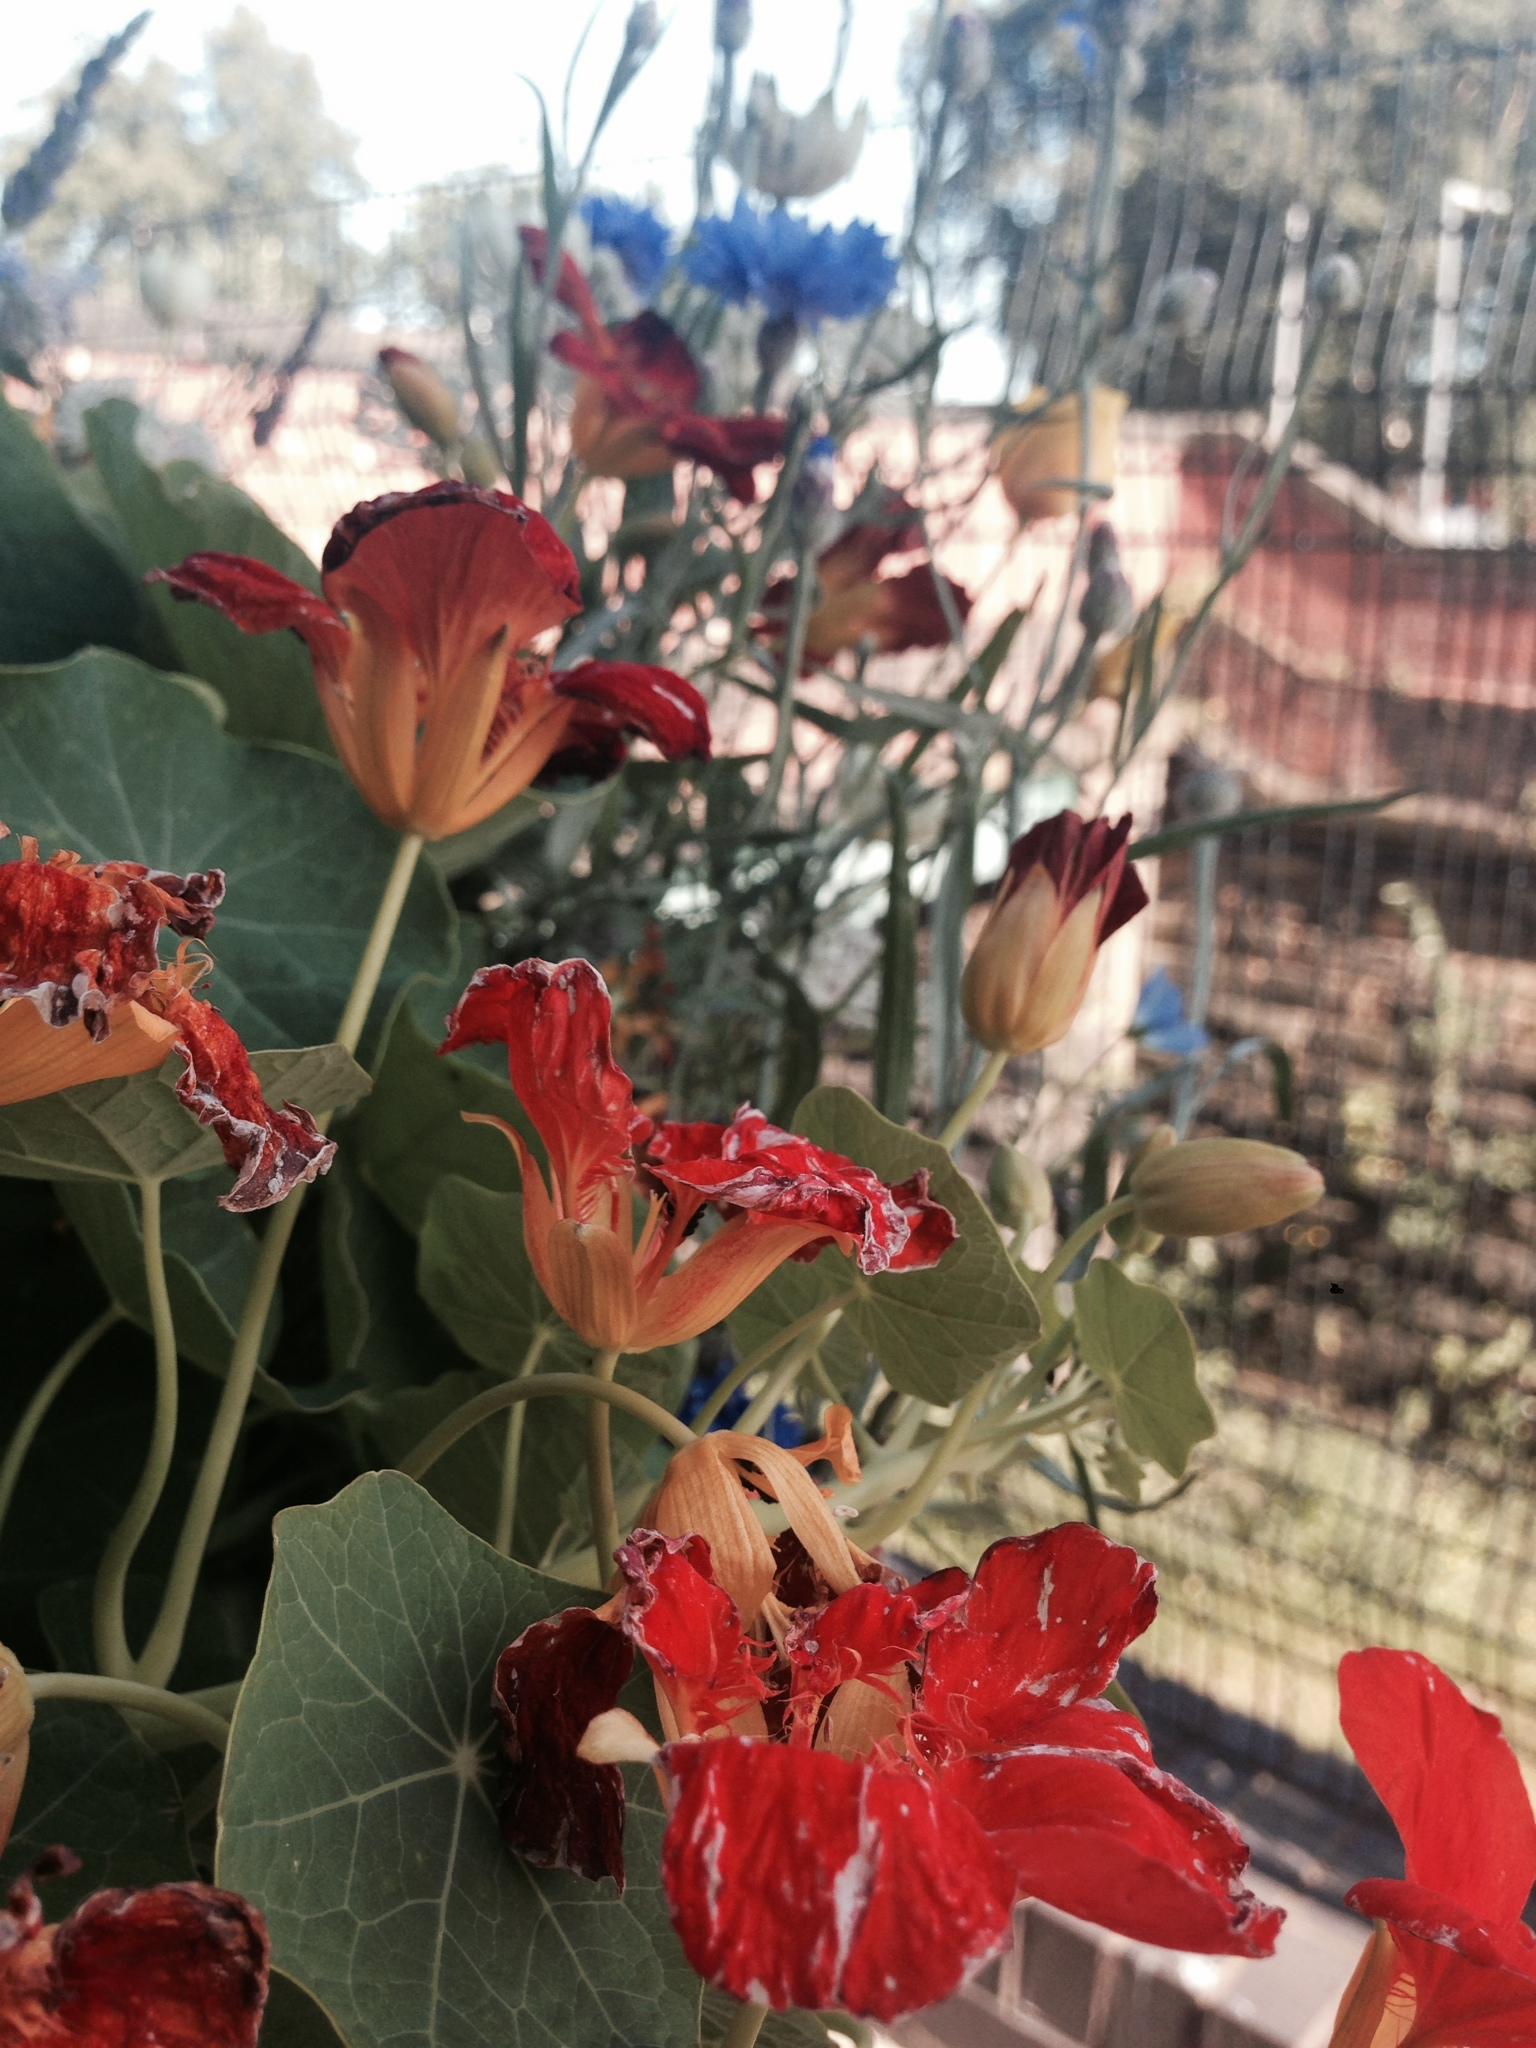 Lamentflowers